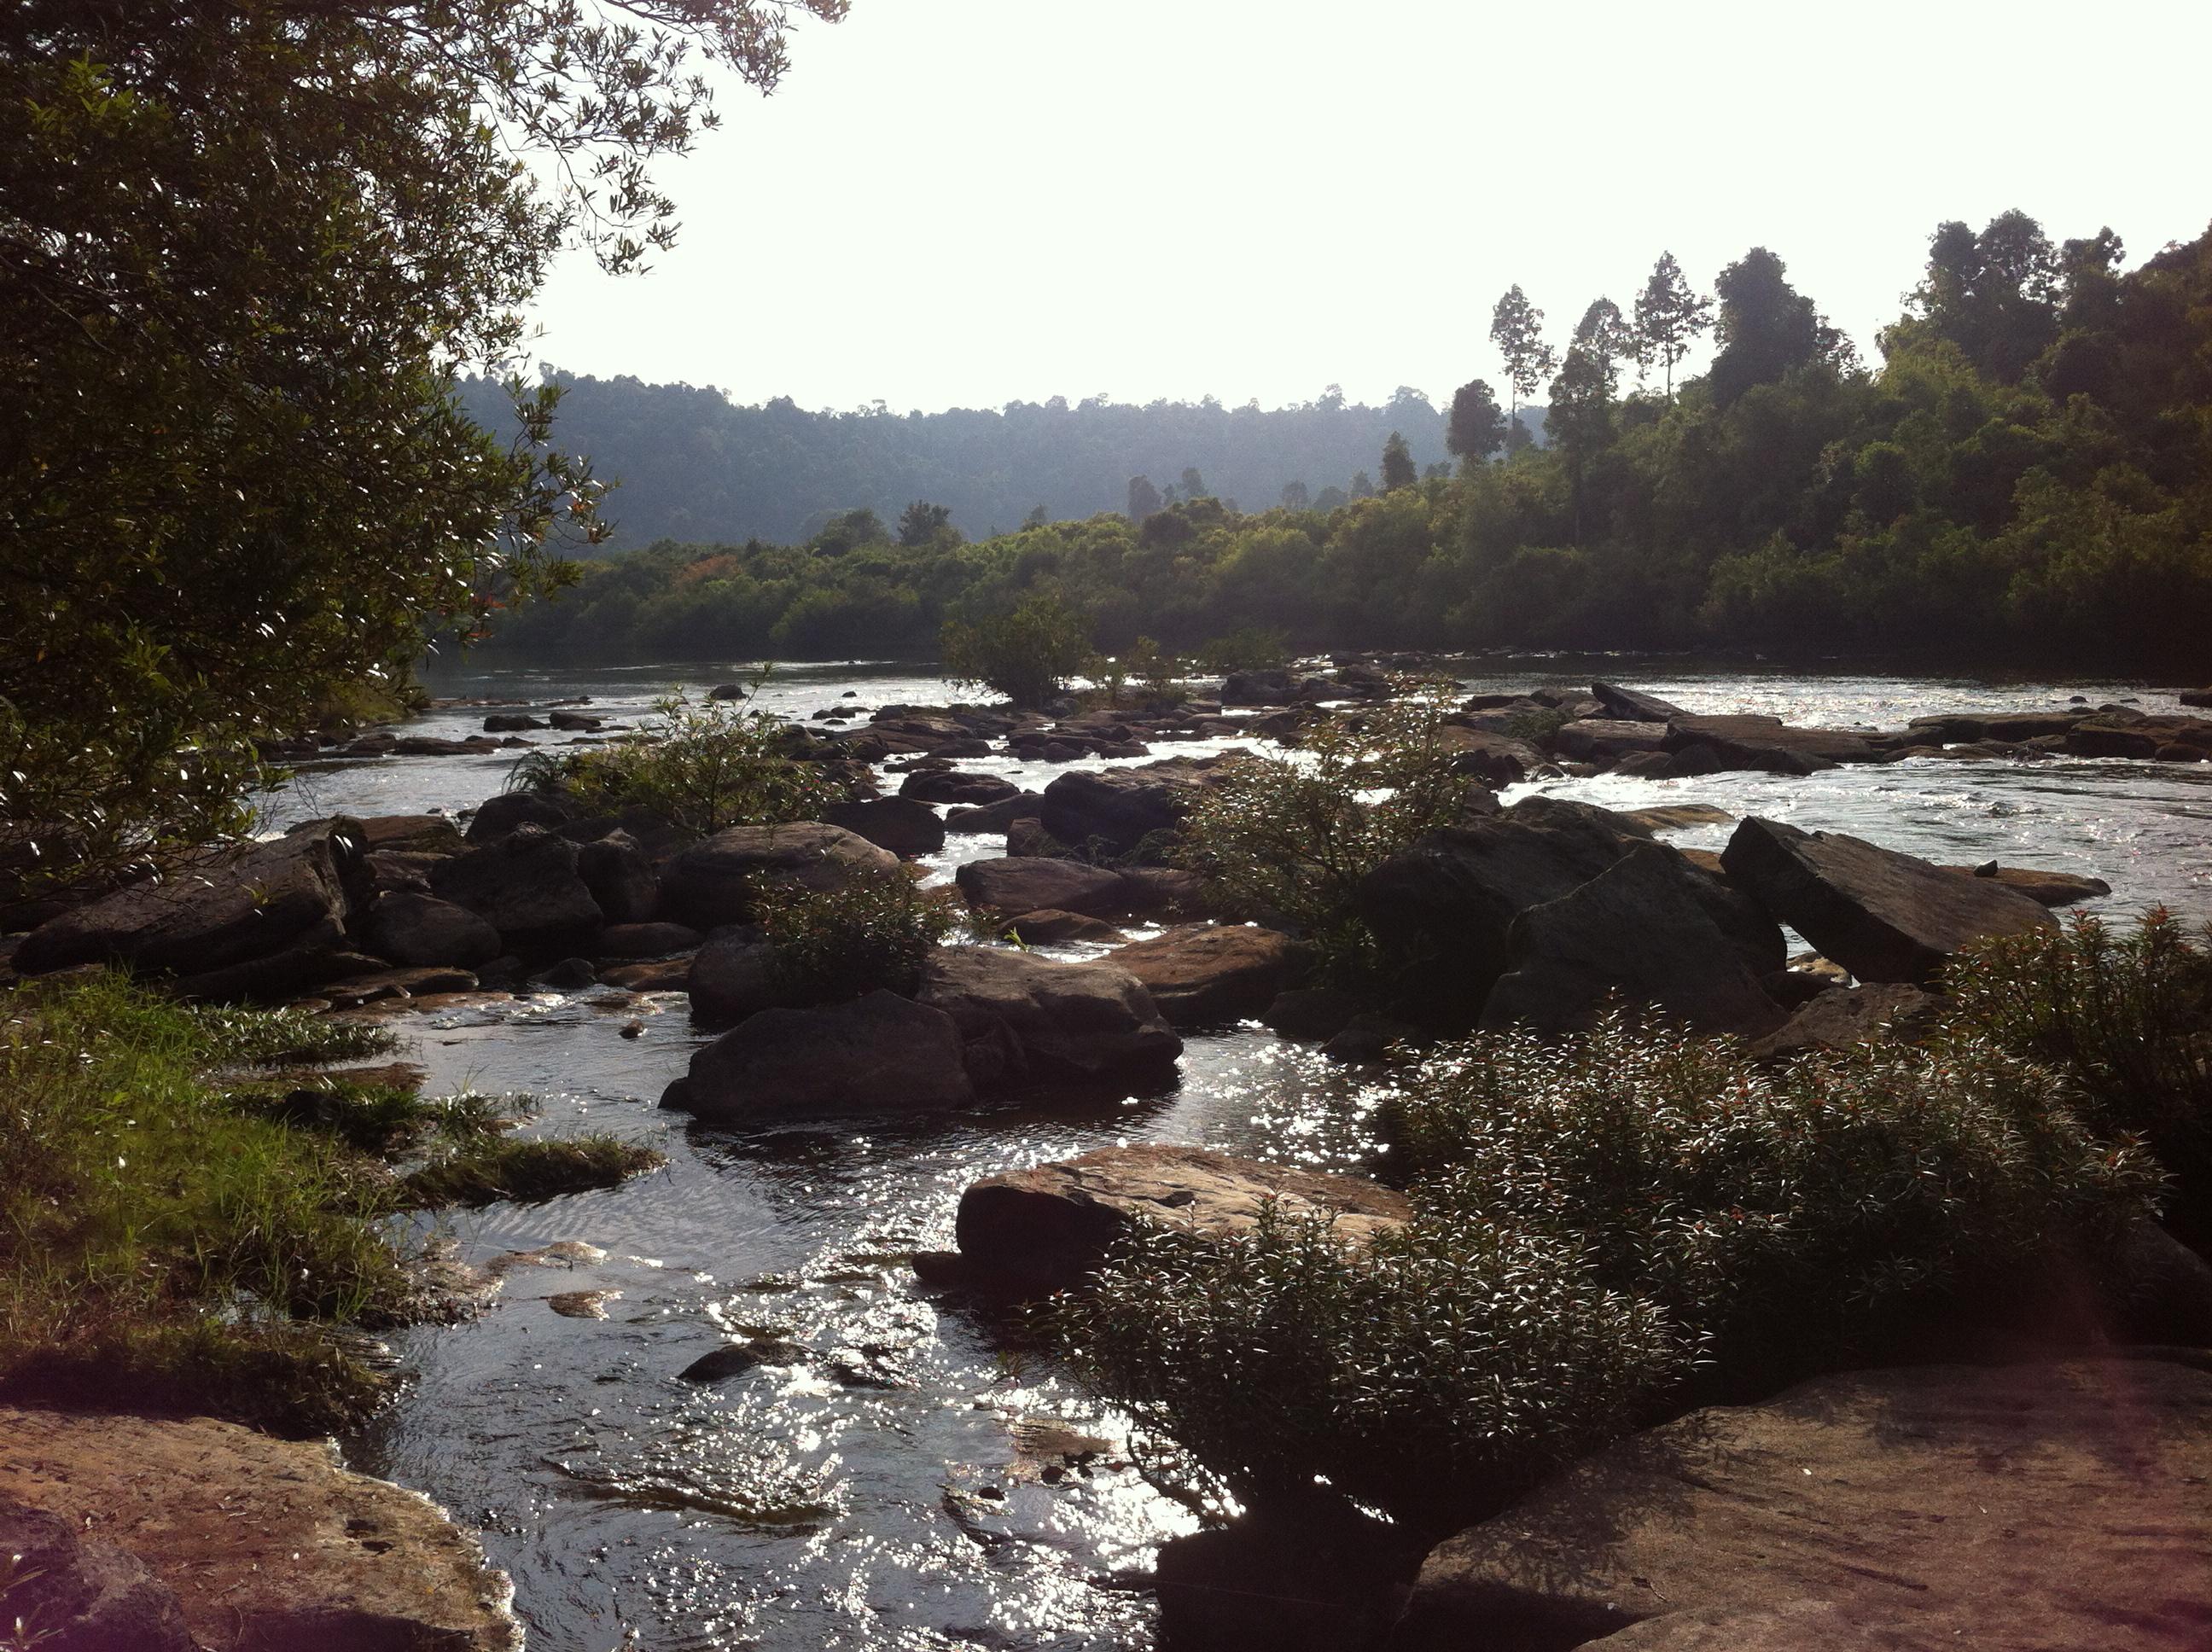 Community Based Ecotourism Is Biodiversity Benefitting